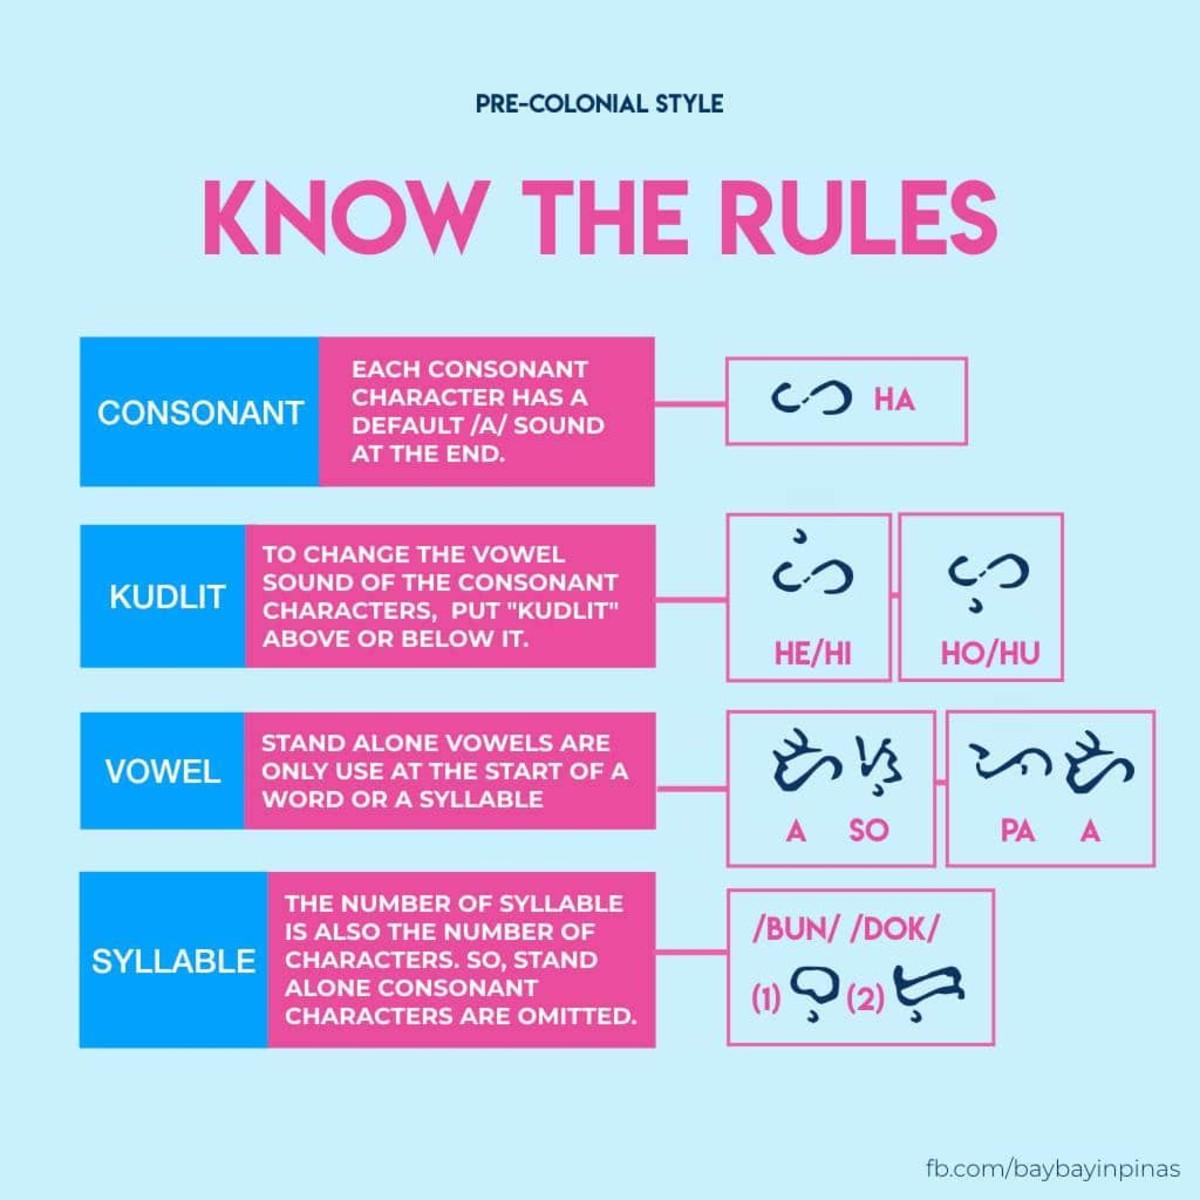 Rules in writing in Baybayin.